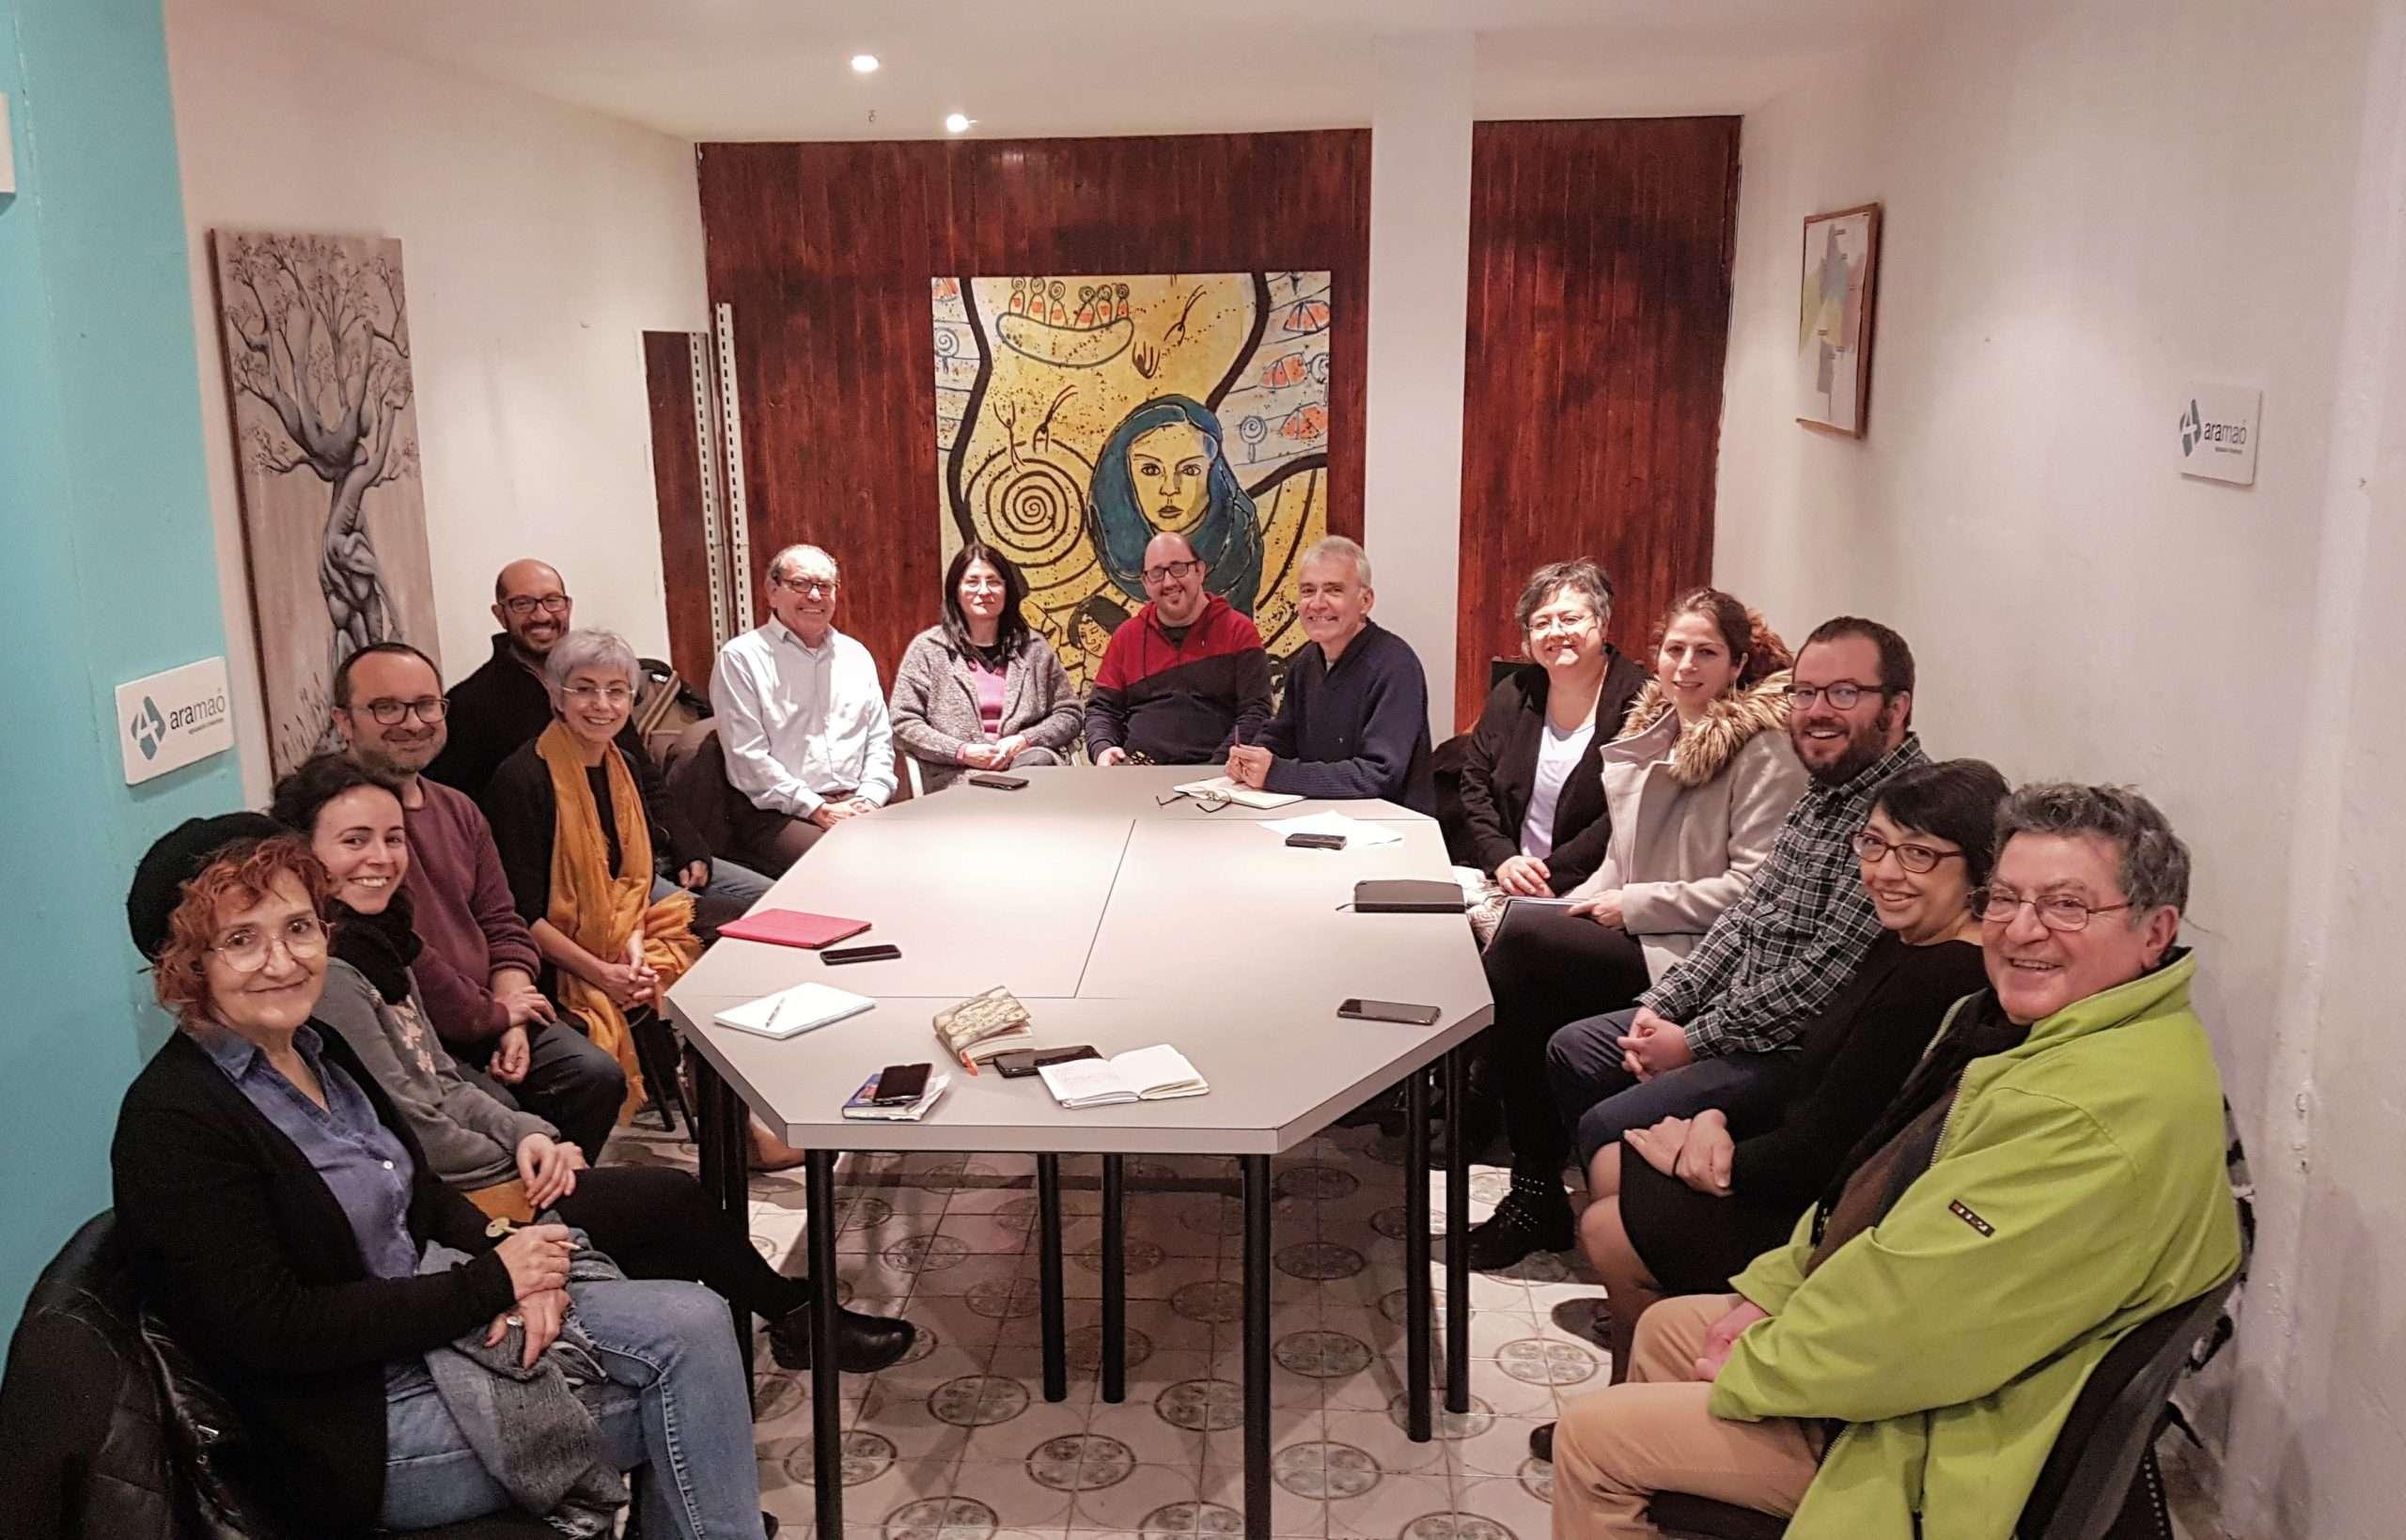 Reunió de treball Ara Maó i Unides Podem